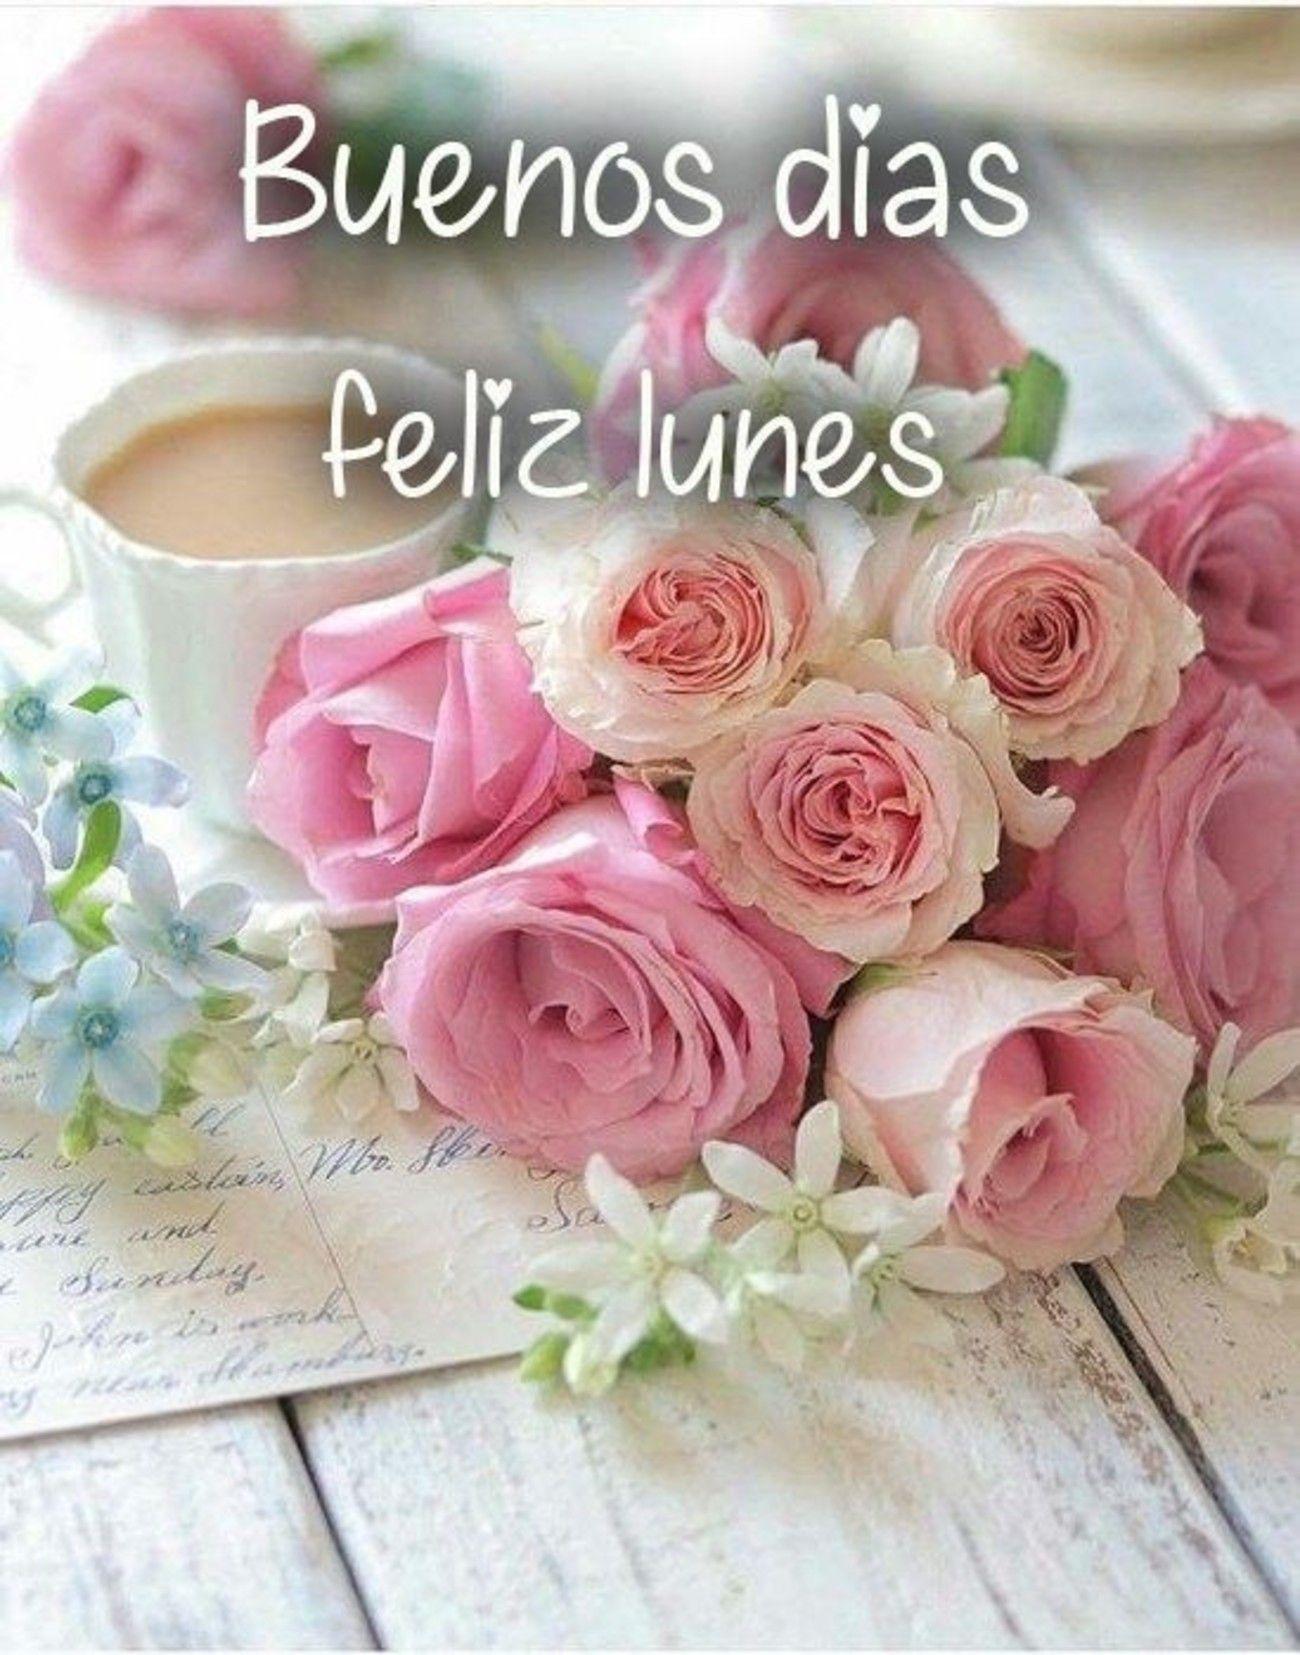 Feliz Lunes imágenes para WhatsApp - BonitasImagenes.net   Buenos dias  feliz lunes, Imagenes de feliz lunes, Feliz lunes